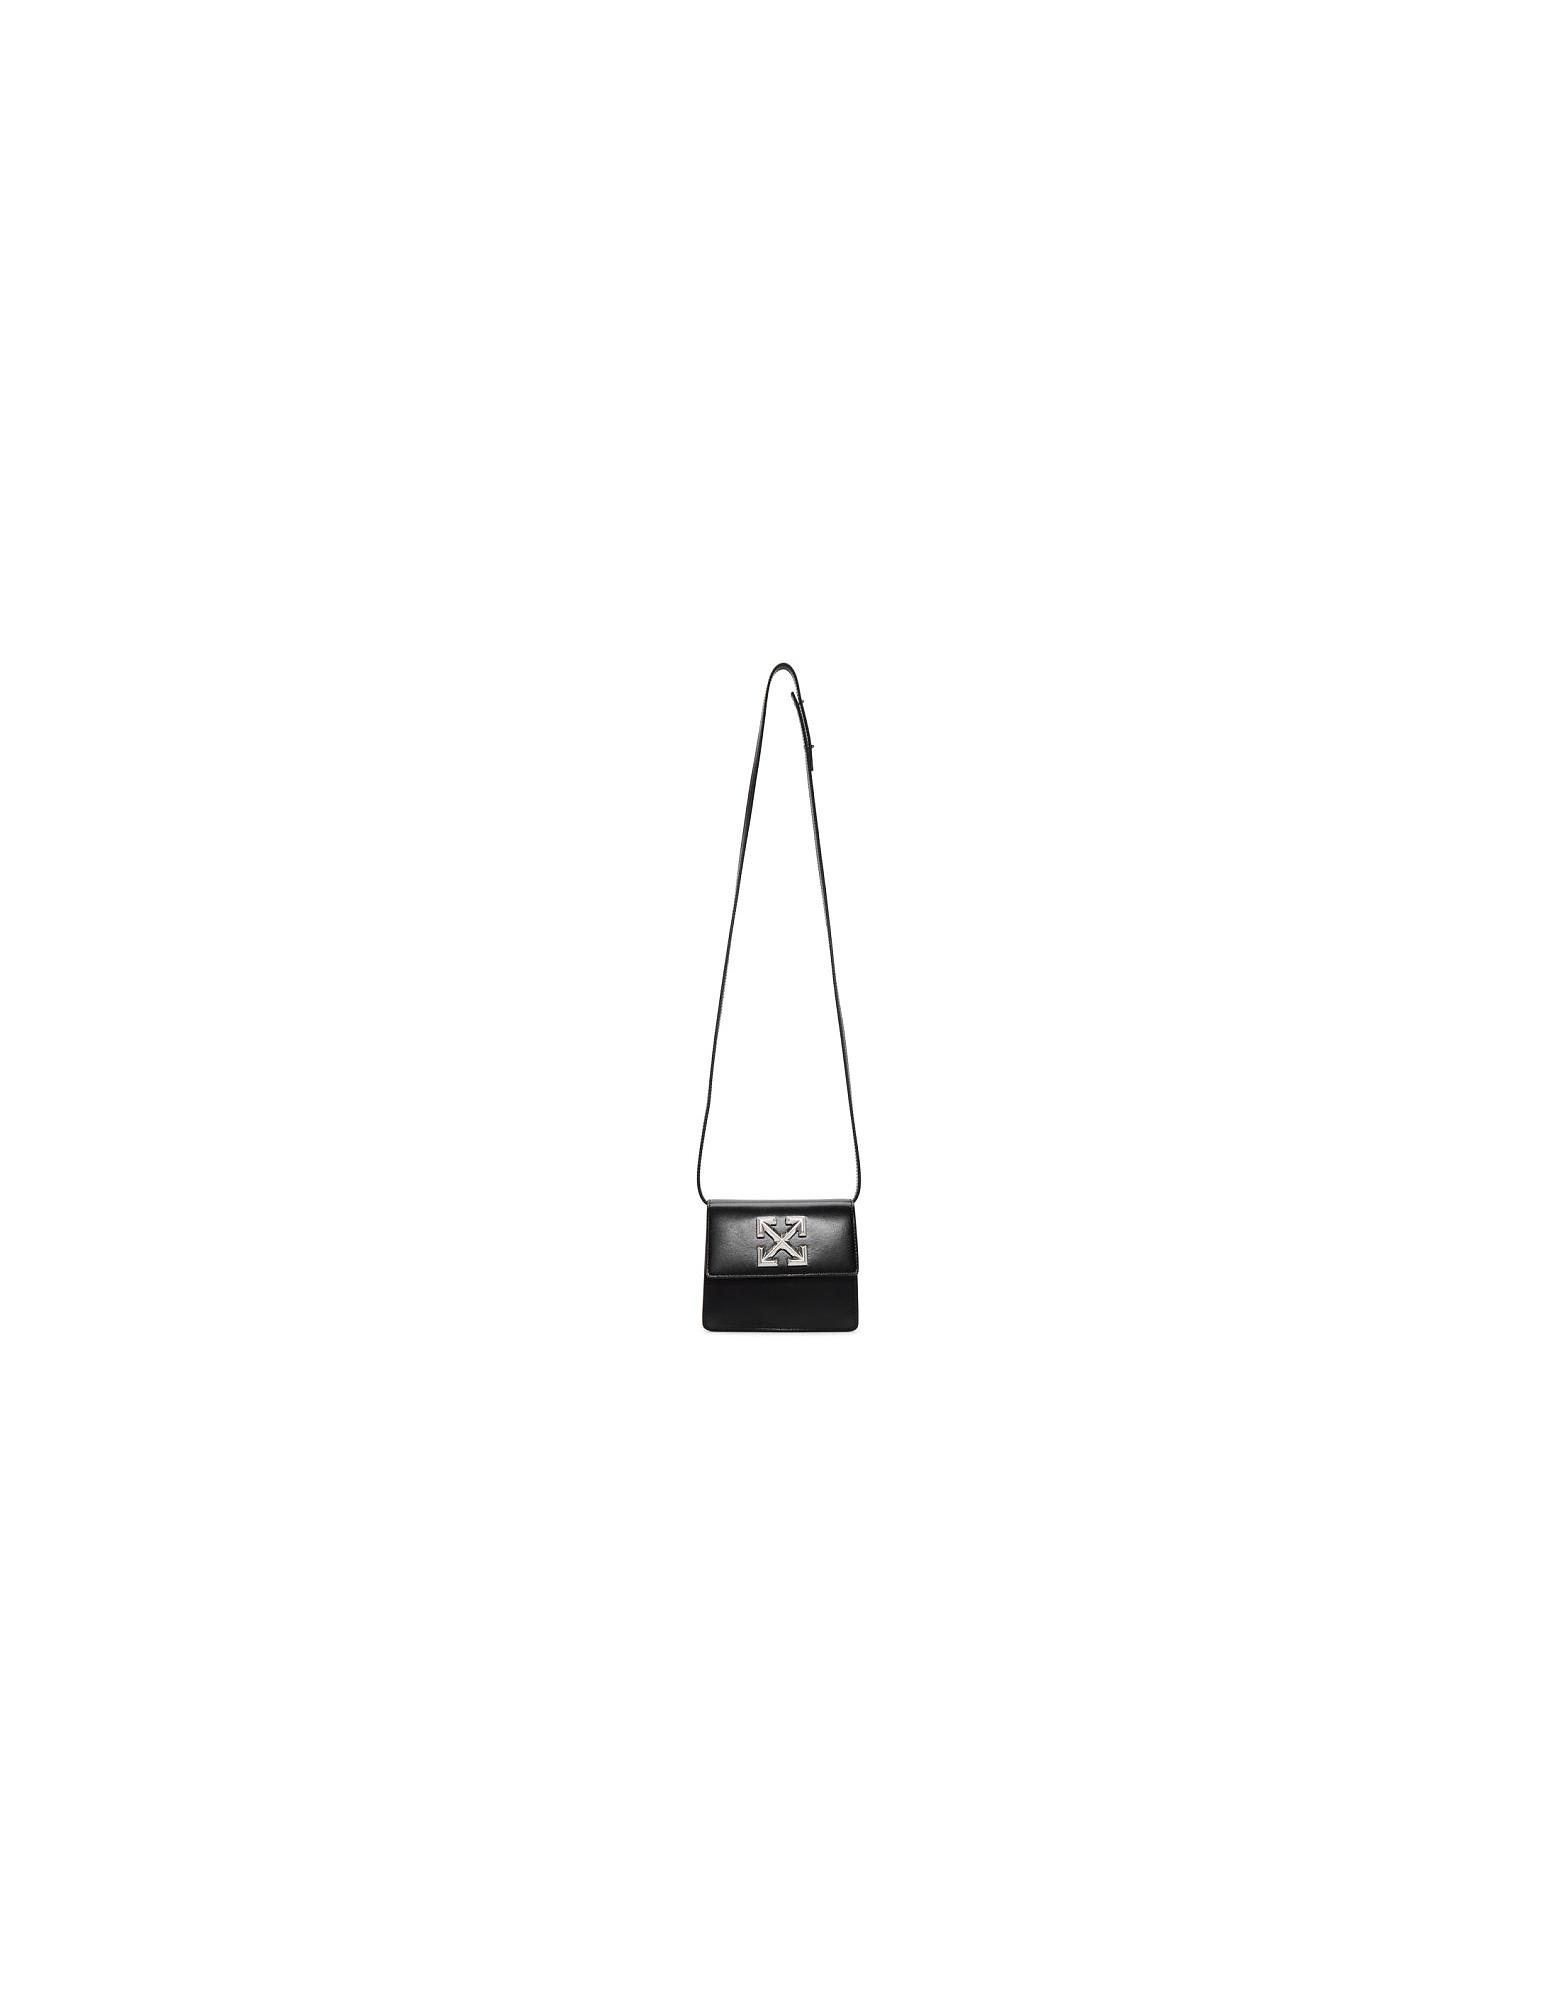 Off-White Designer Handbags, Black Jitney 0.7 Bag